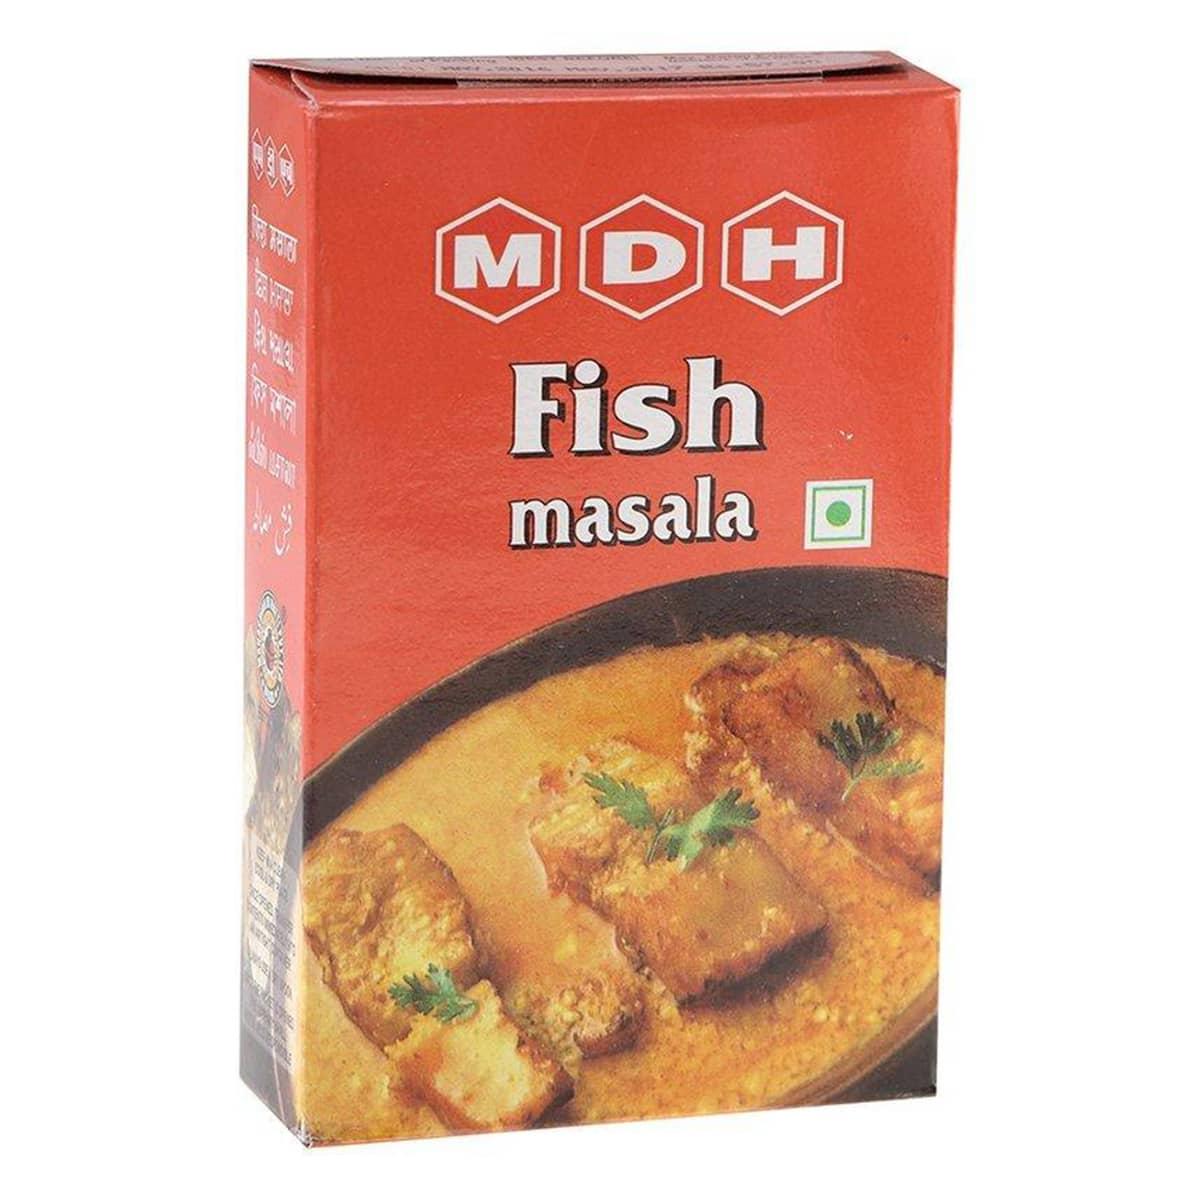 Buy MDH Fish Masala - 100 gm